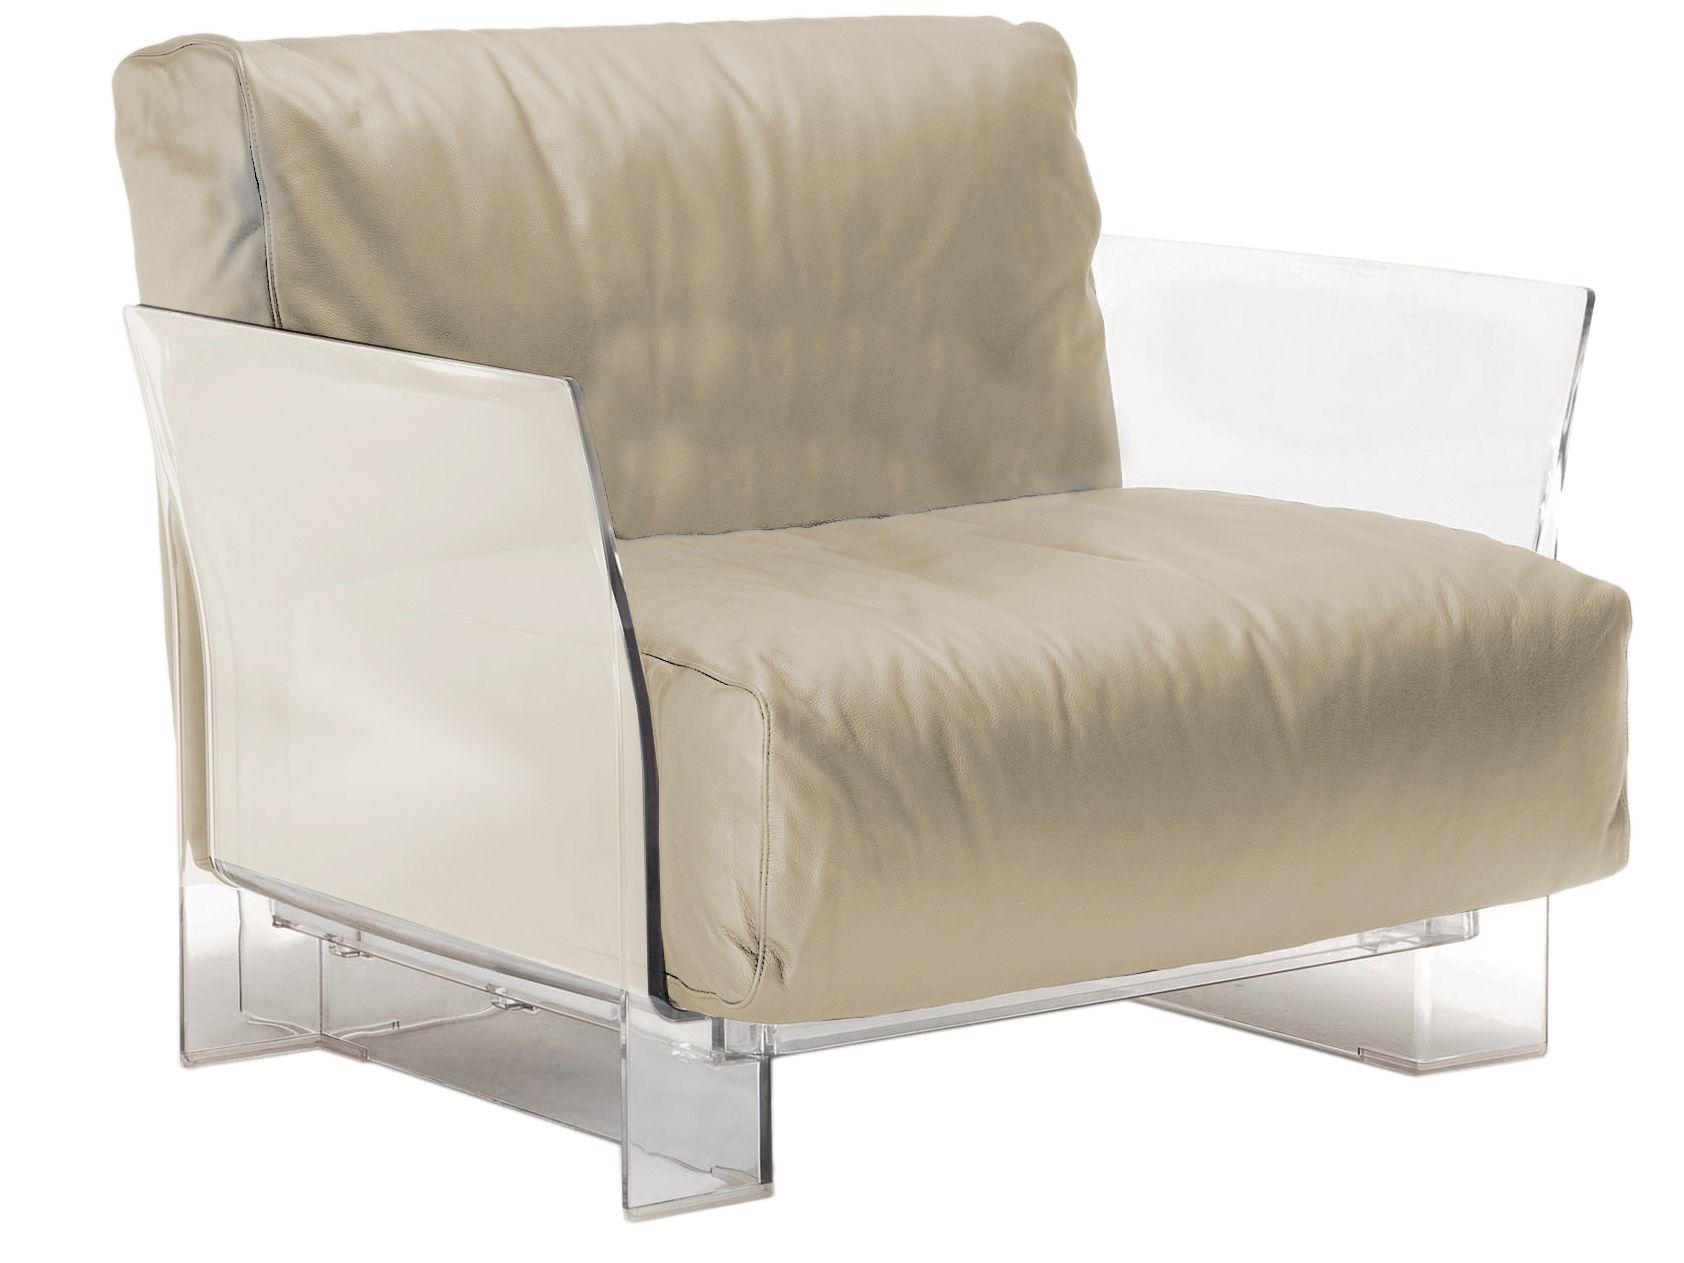 Möbel - Lounge Sessel - Pop Outdoor Gepolsterter Sessel - Kartell - Ecru - Polykarbonat, Sunbrella-Gewebe